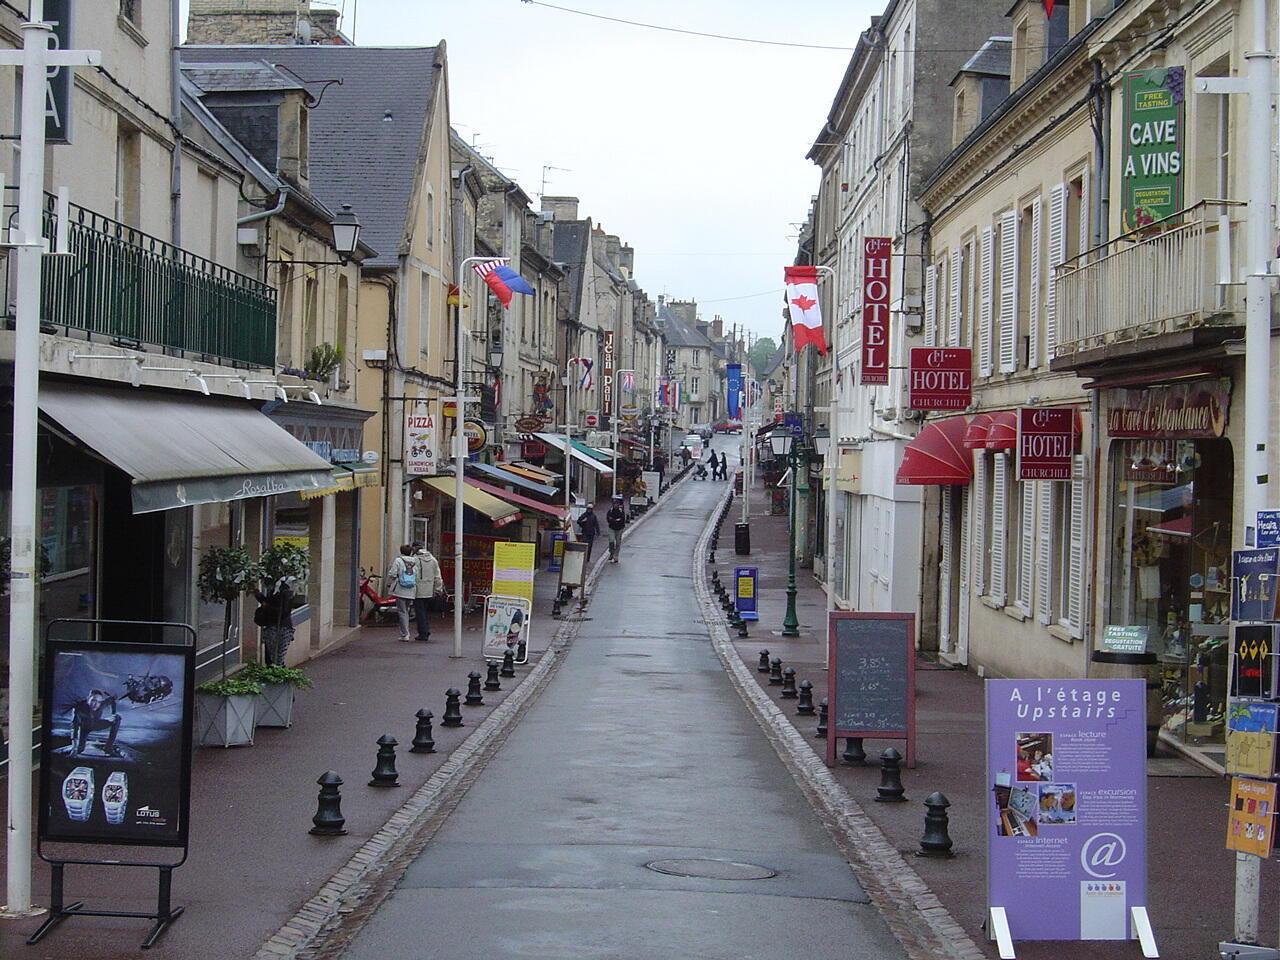 Центральная улица города Байё